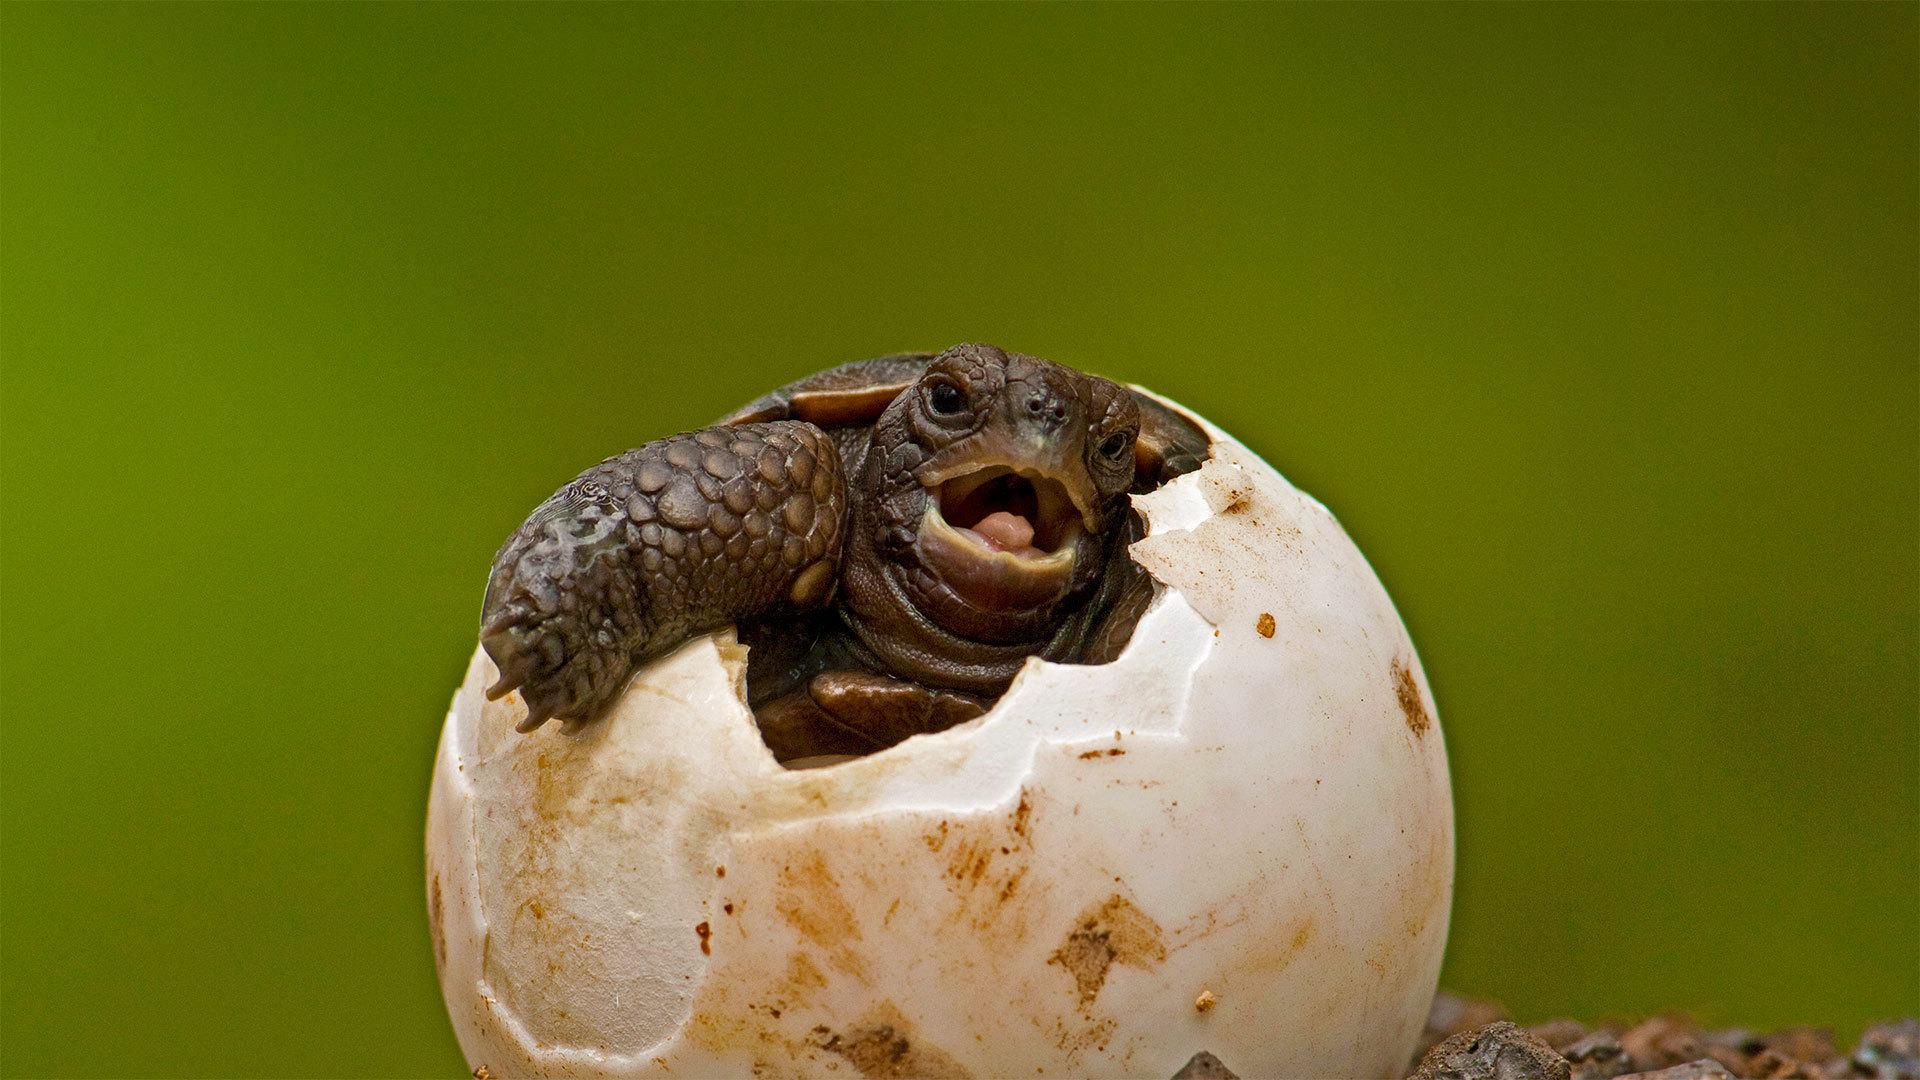 圣克鲁斯岛的查尔斯达尔文研究站内从卵中孵化出来的平松岛龟平松岛龟